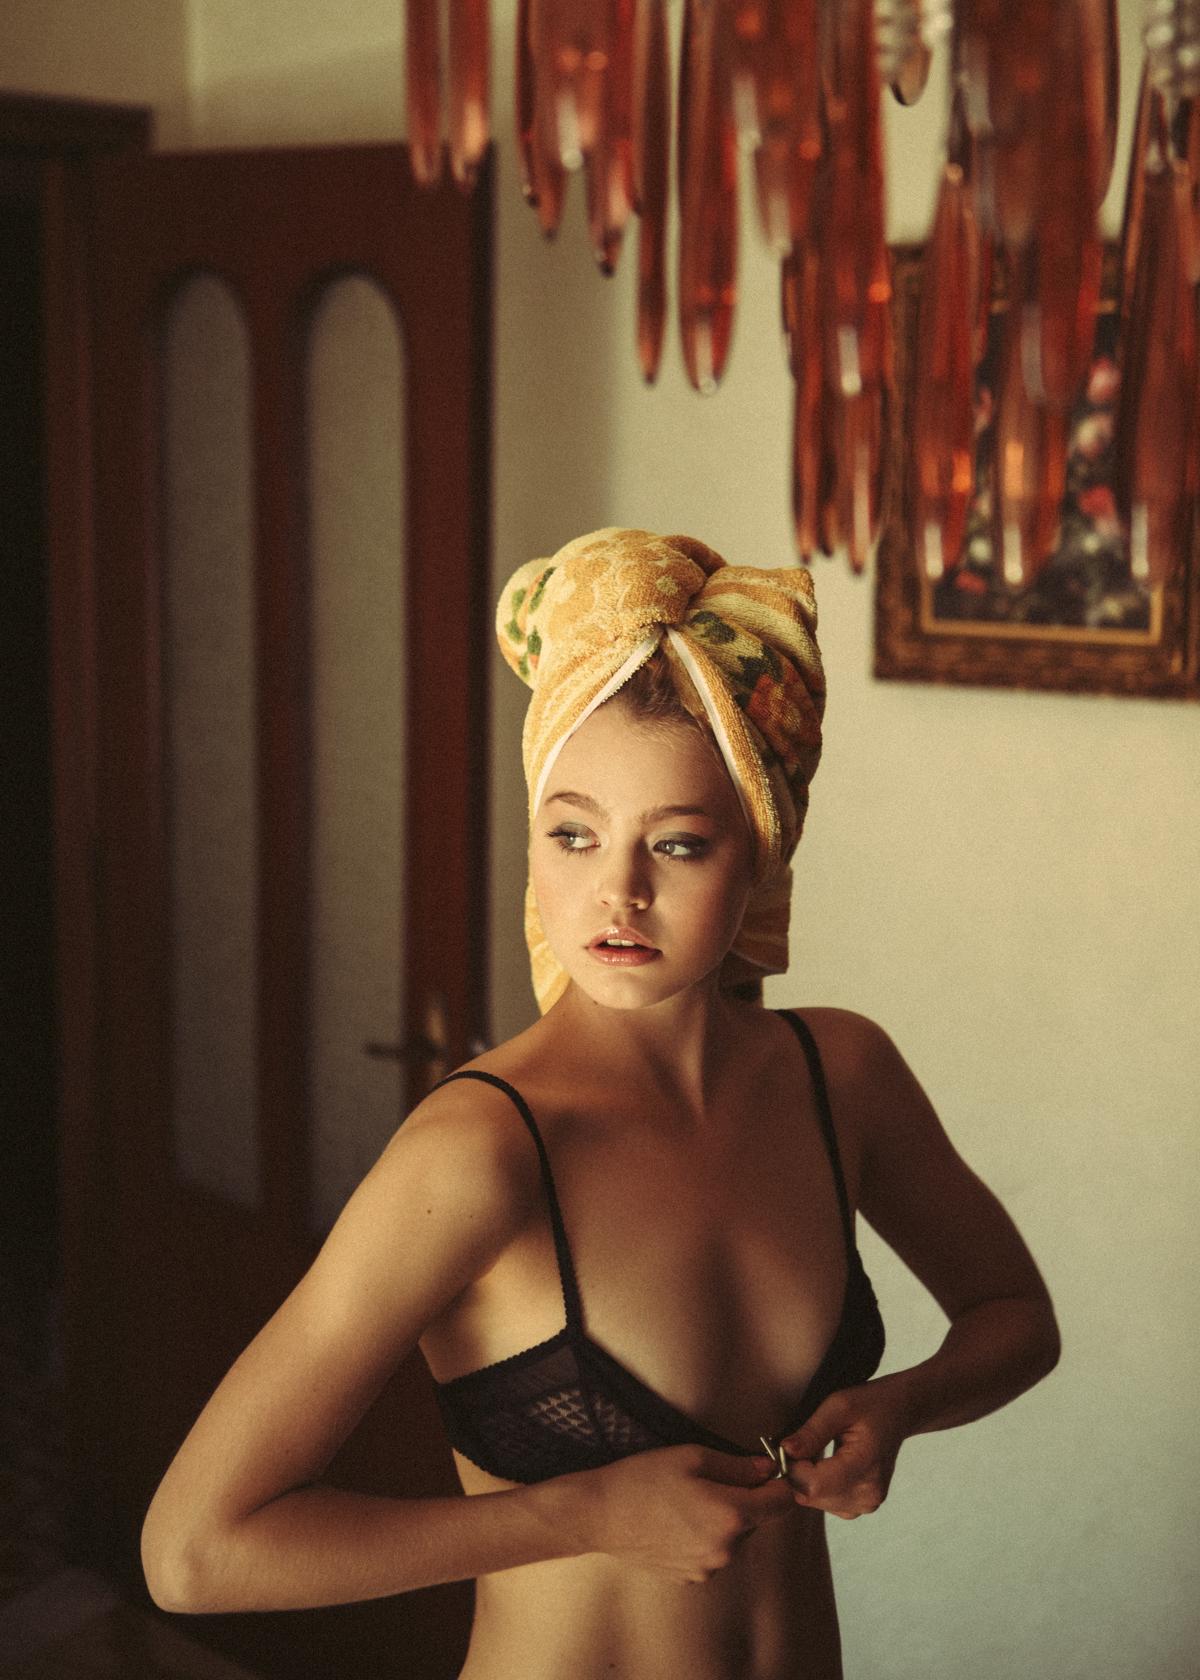 Dorothee for C-Heads Magazine / фотограф Marie Schmidt